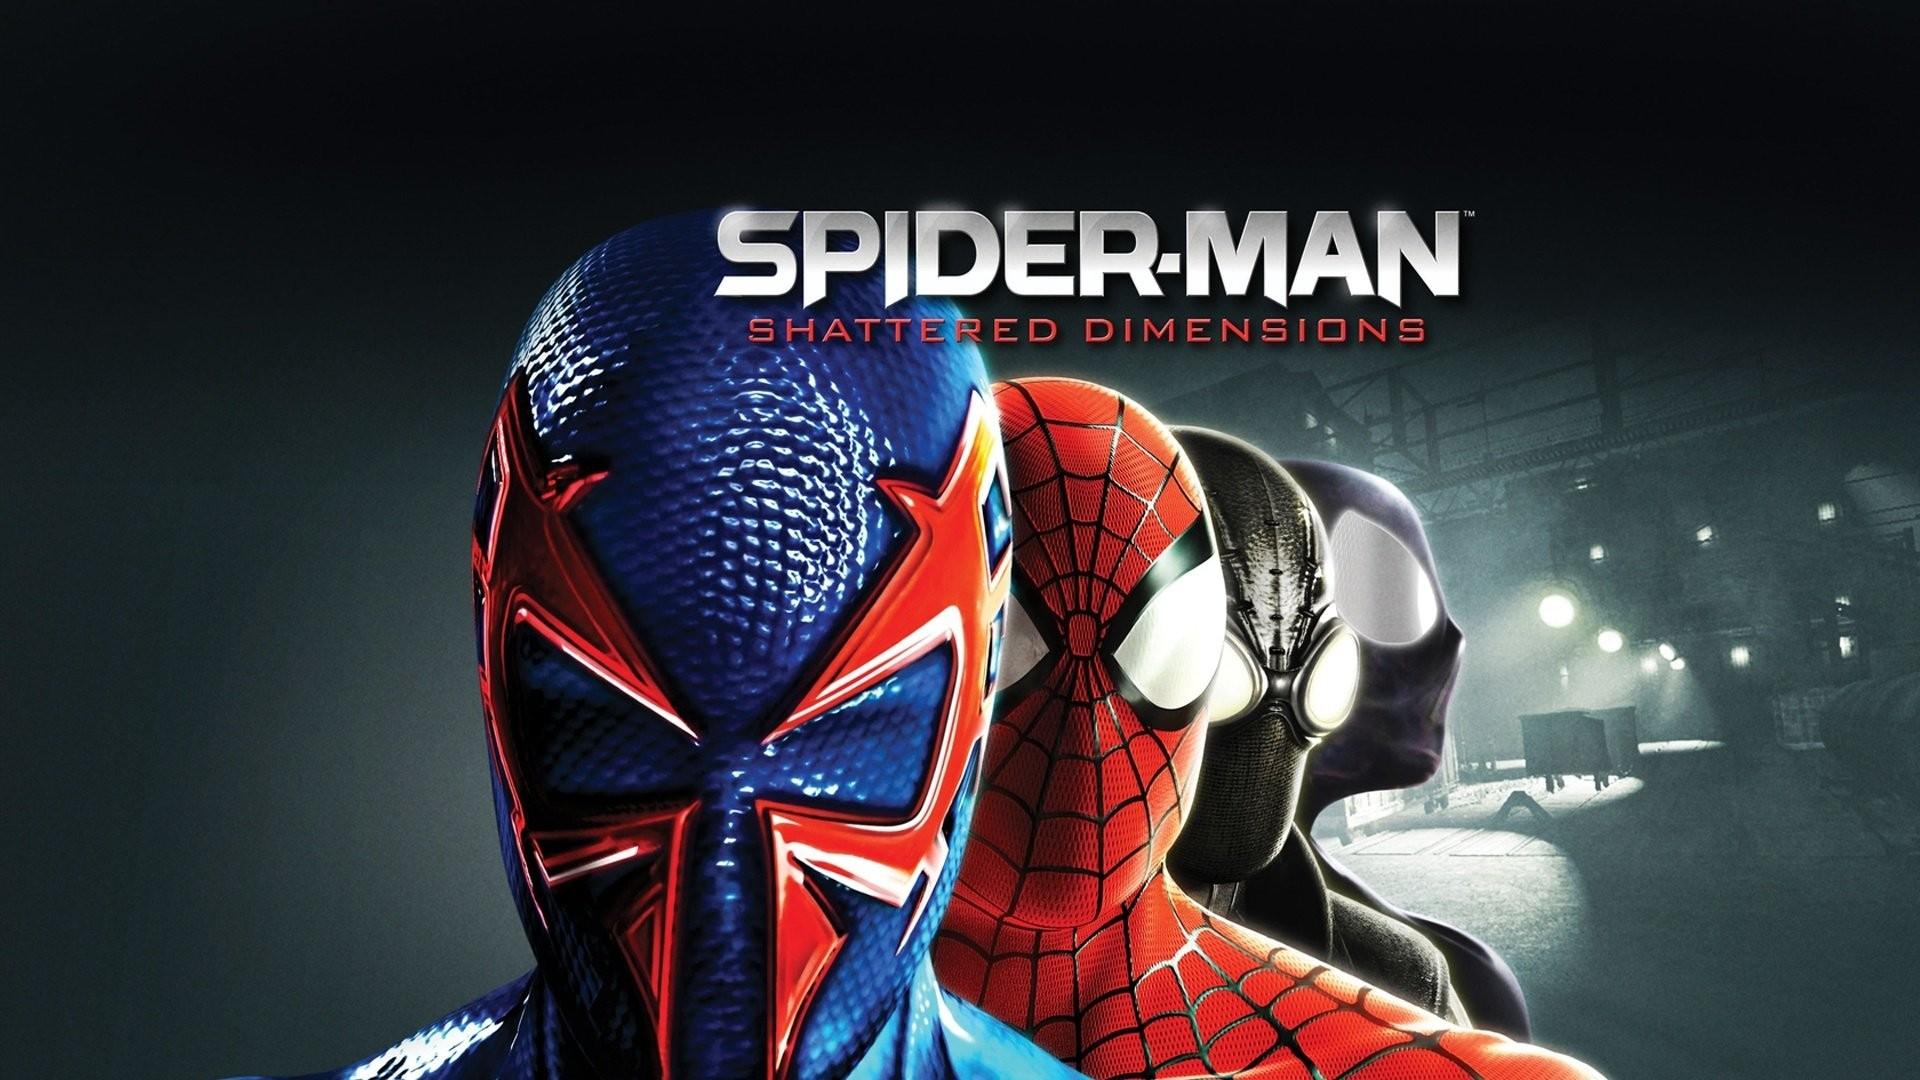 Spider Man 2099 · spiderman 2099